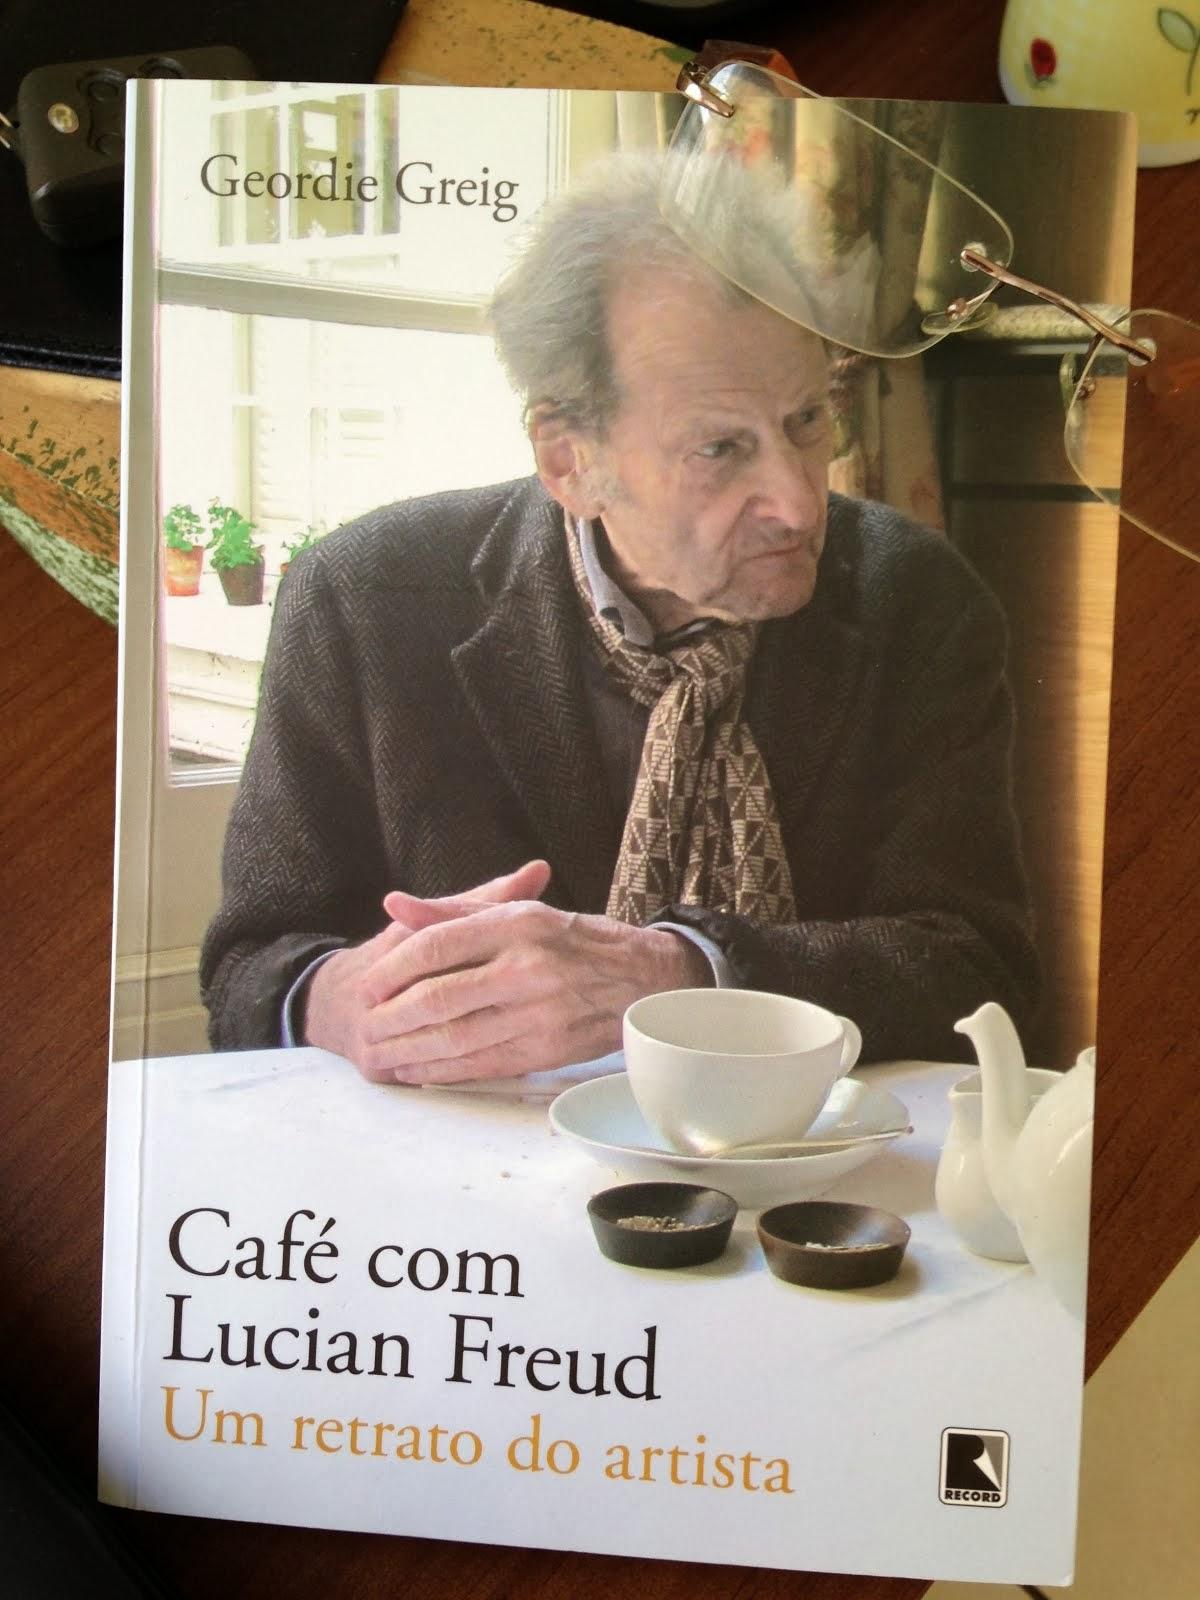 Café com Lucian Freud